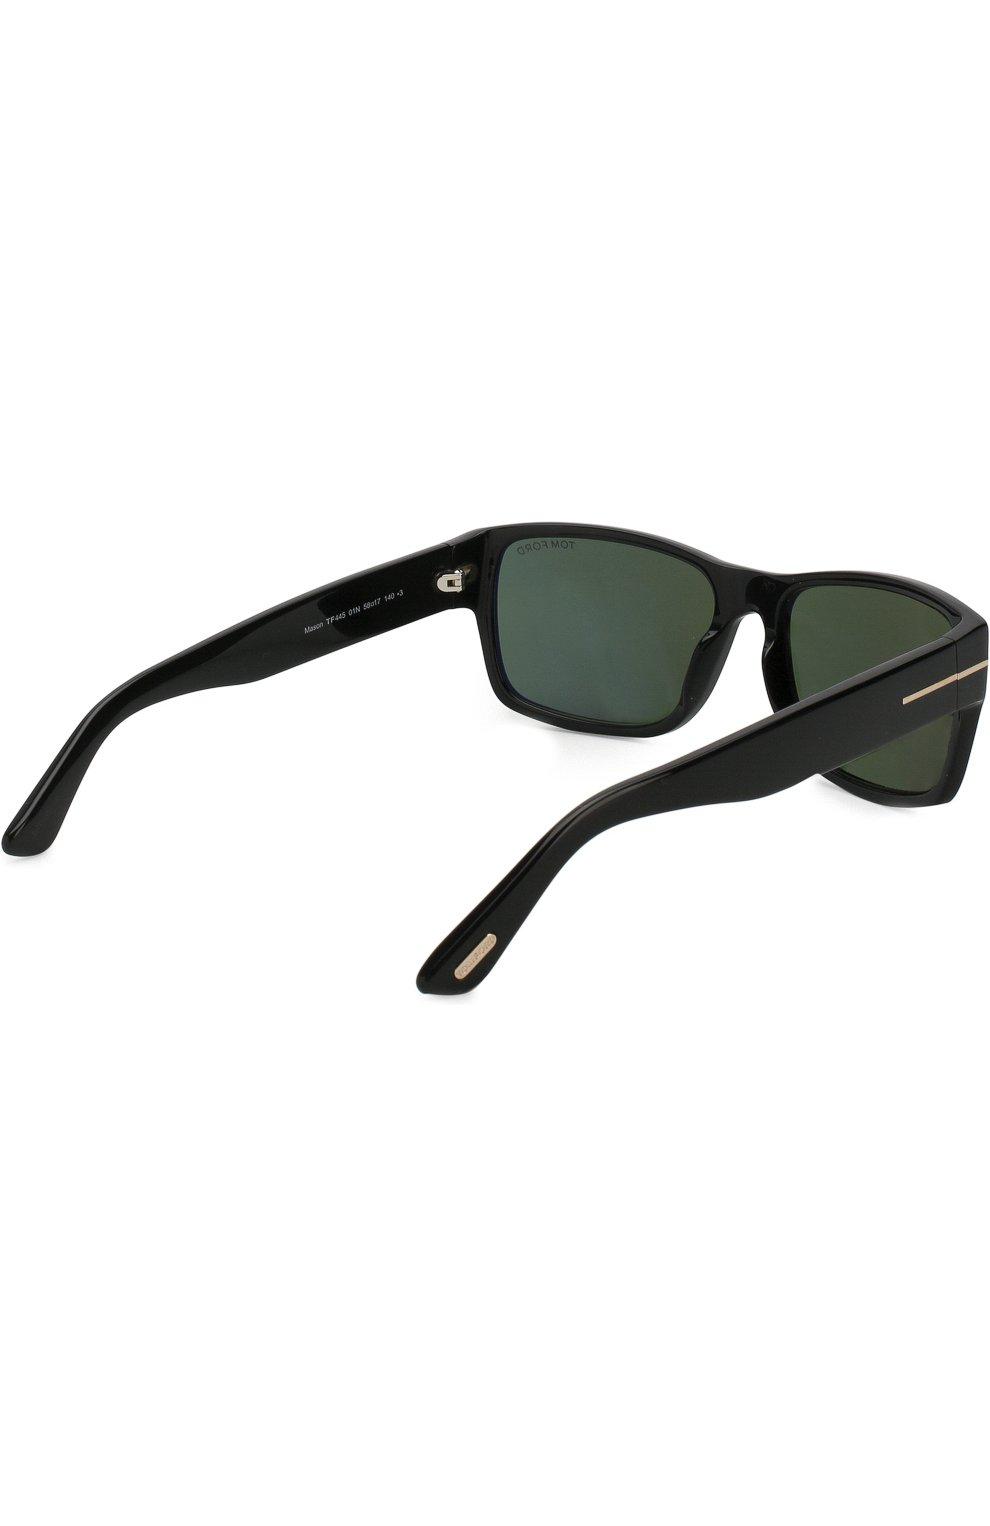 Мужские солнцезащитные очки TOM FORD черного цвета, арт. TF445 01N   Фото 3